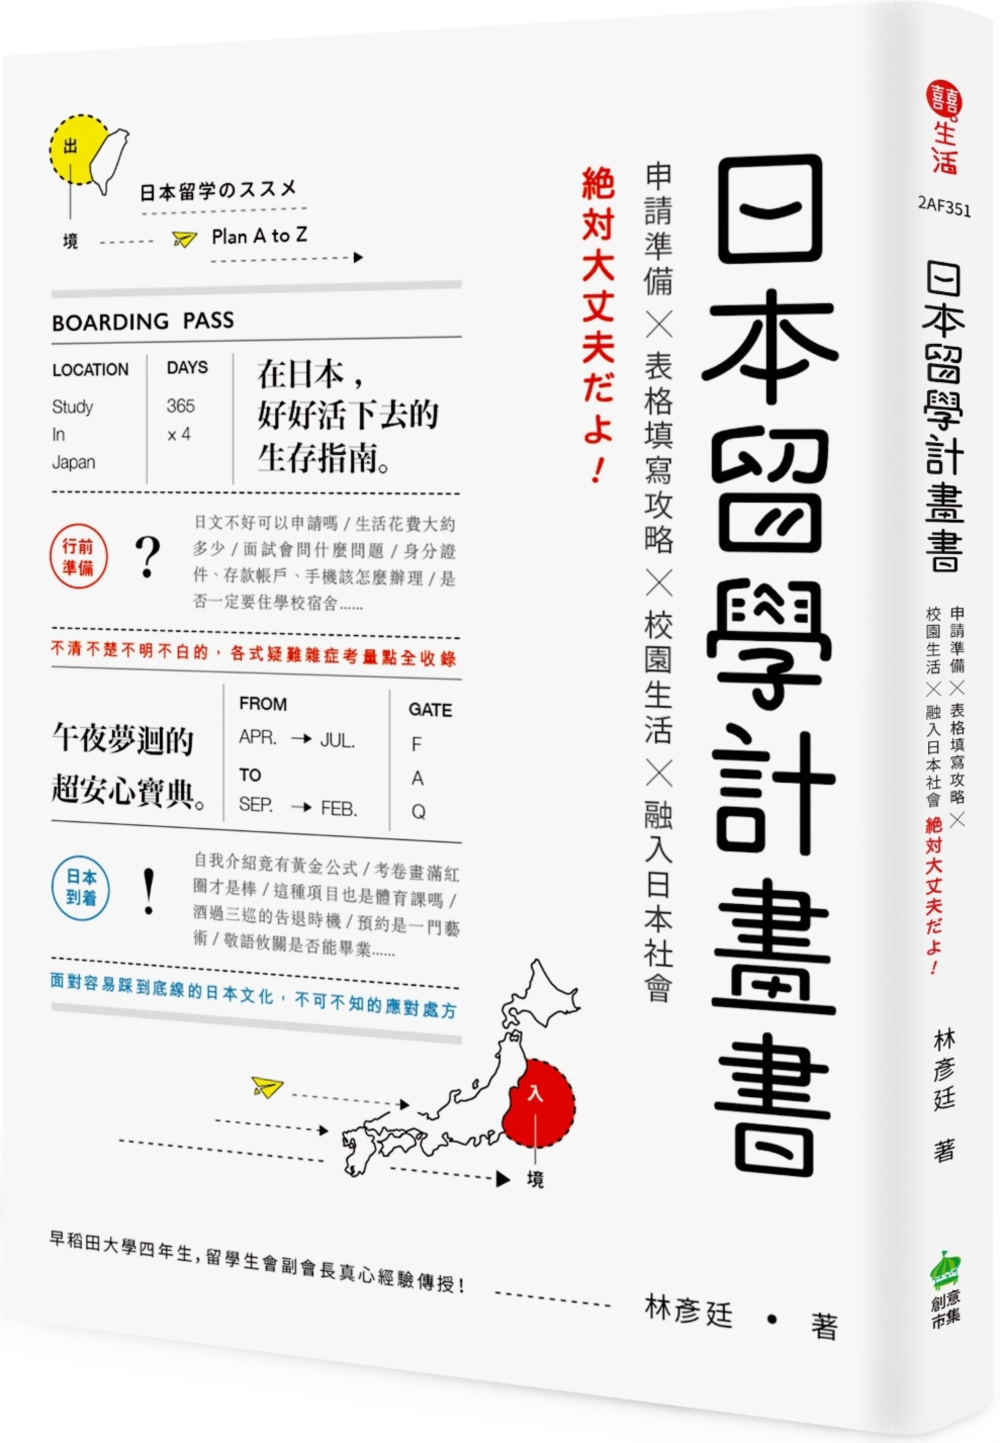 日本留學計畫書:申請準備╳表格...